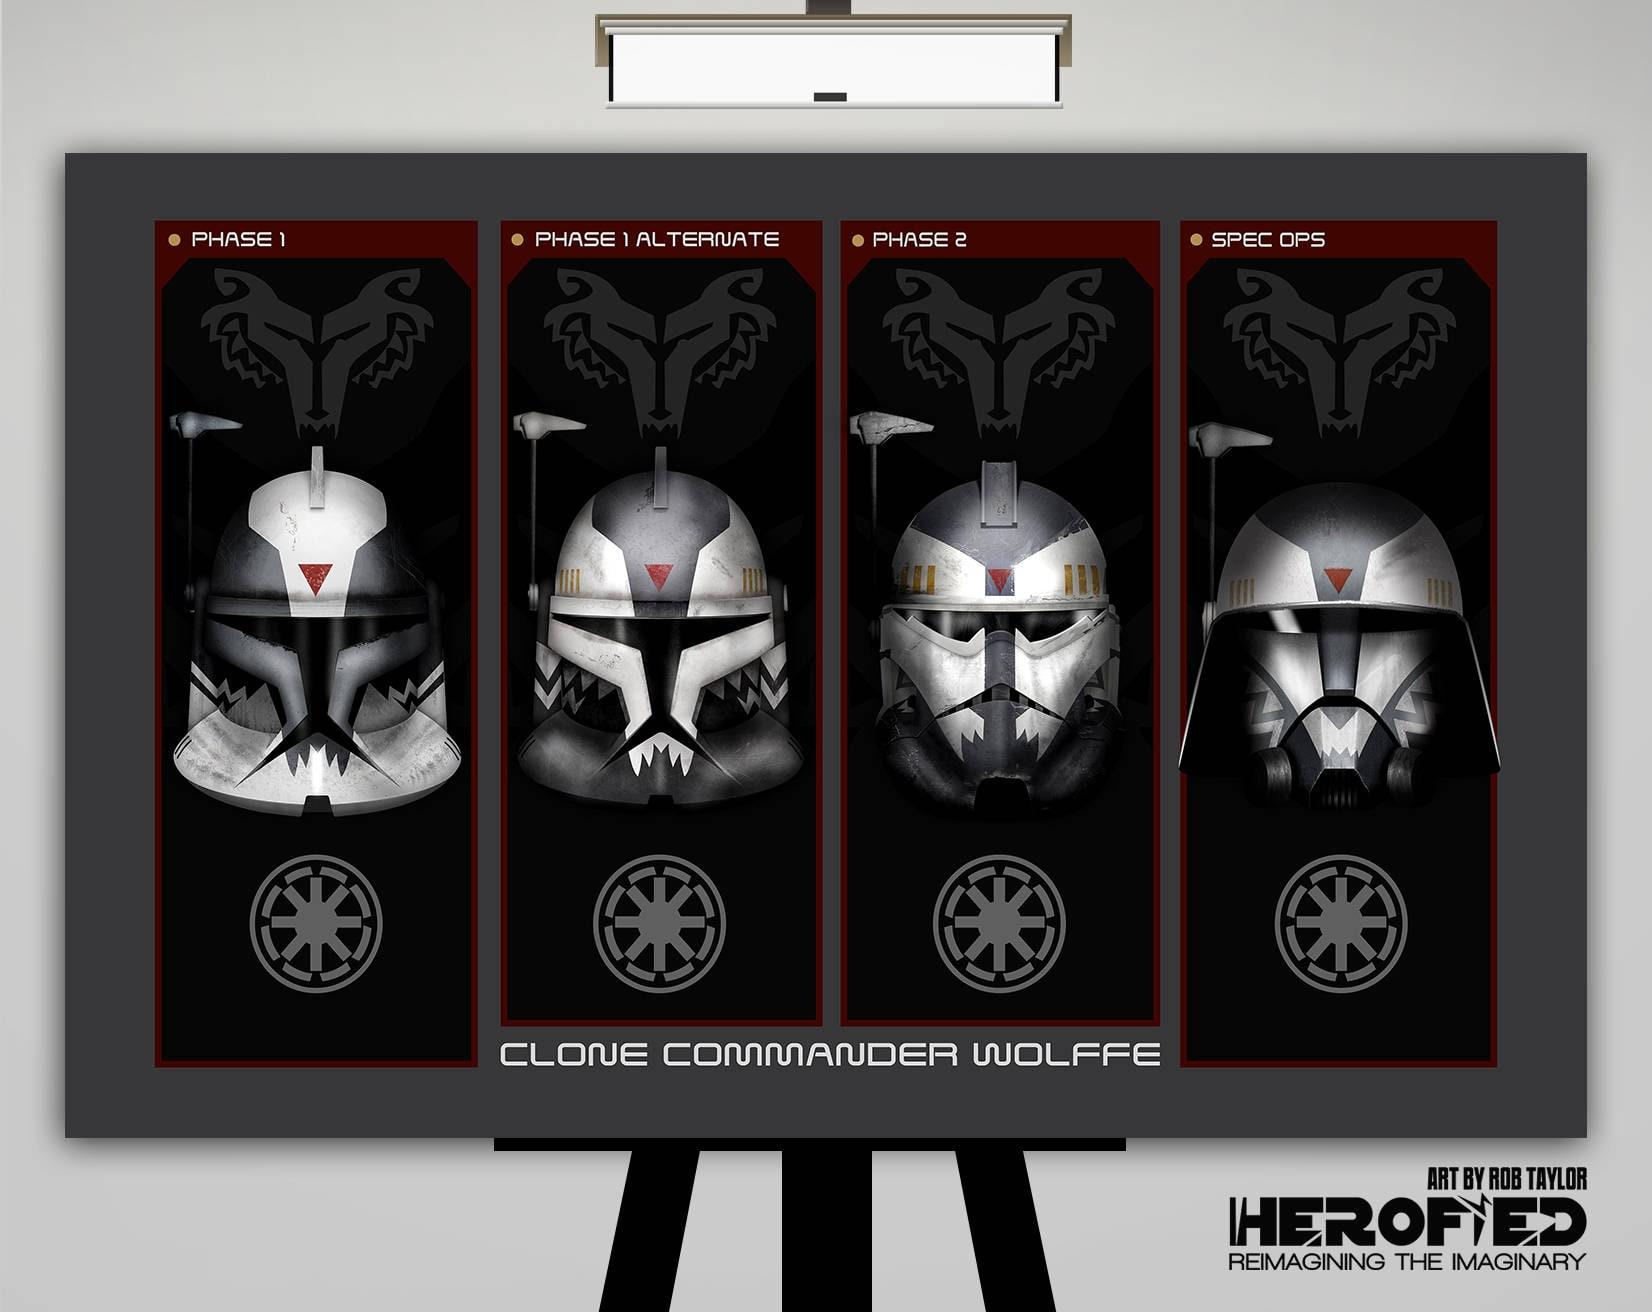 Star Wars inspiriert Klon-Kommandant Wolffe